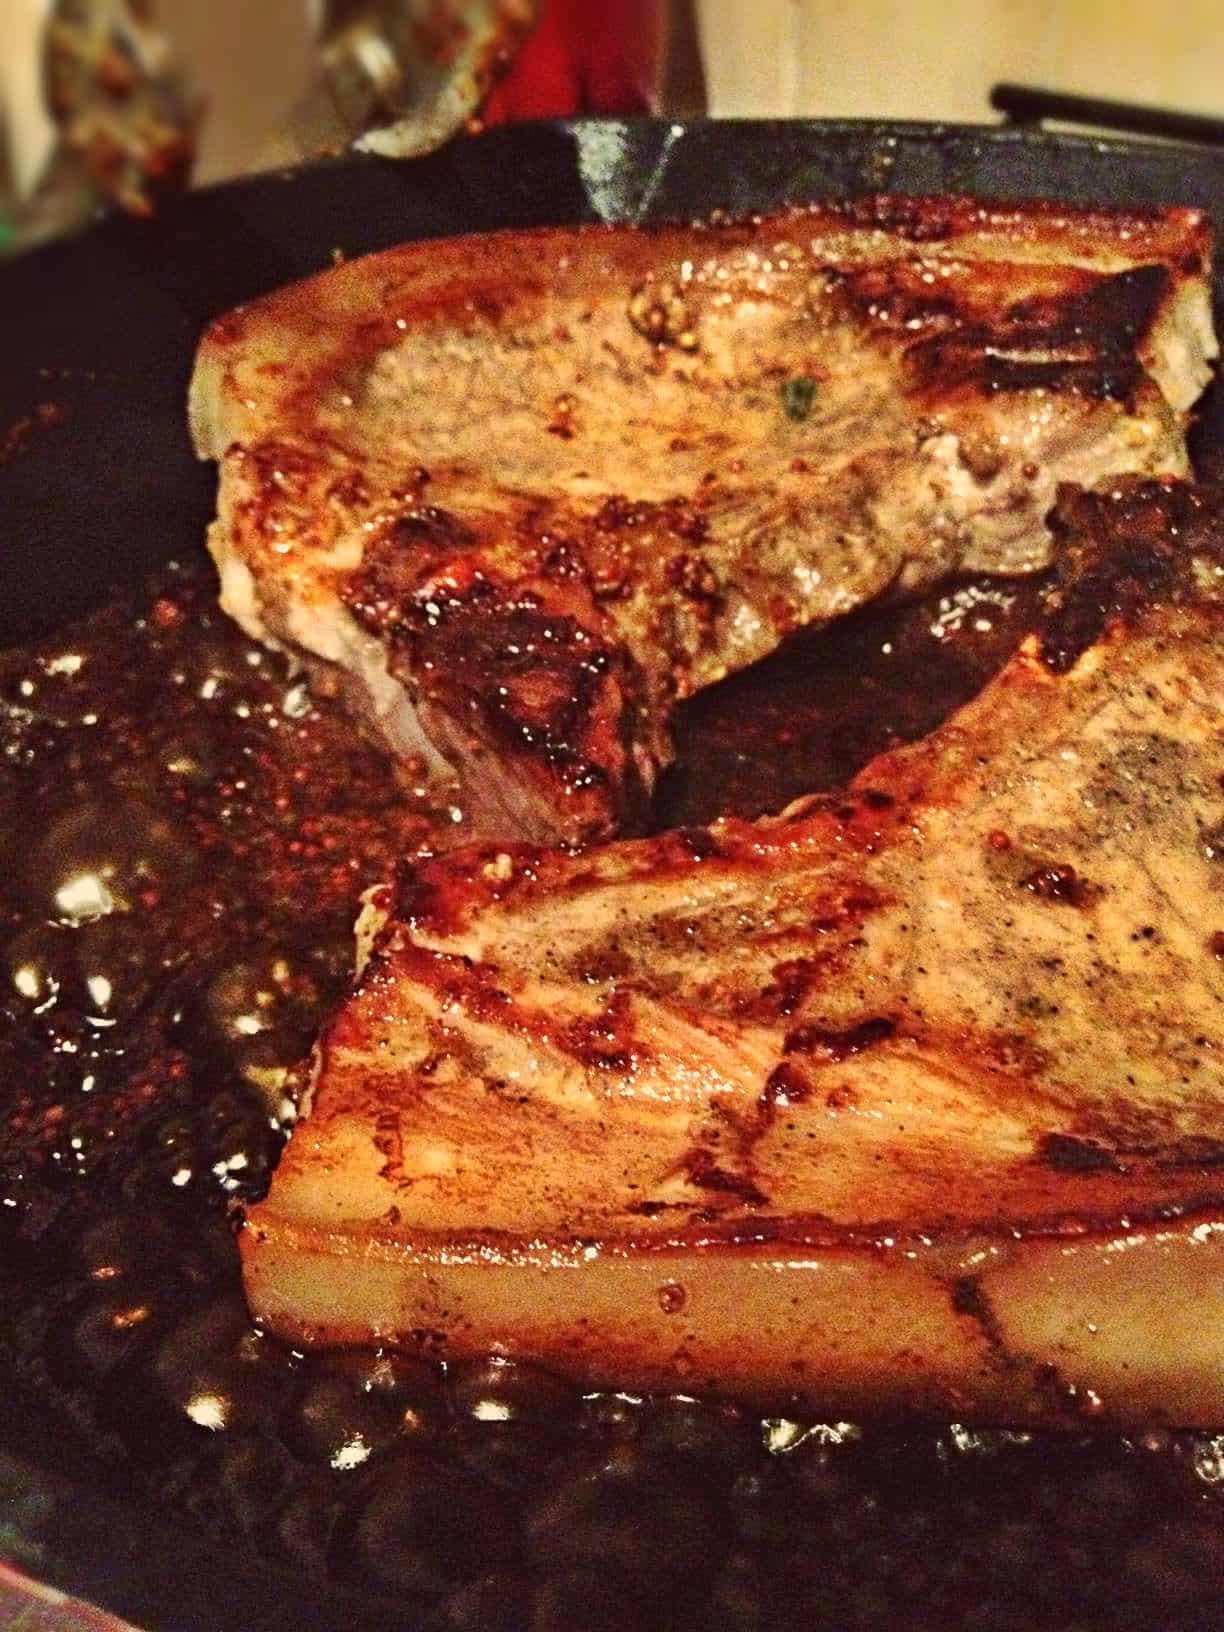 Honey mustard pork chop